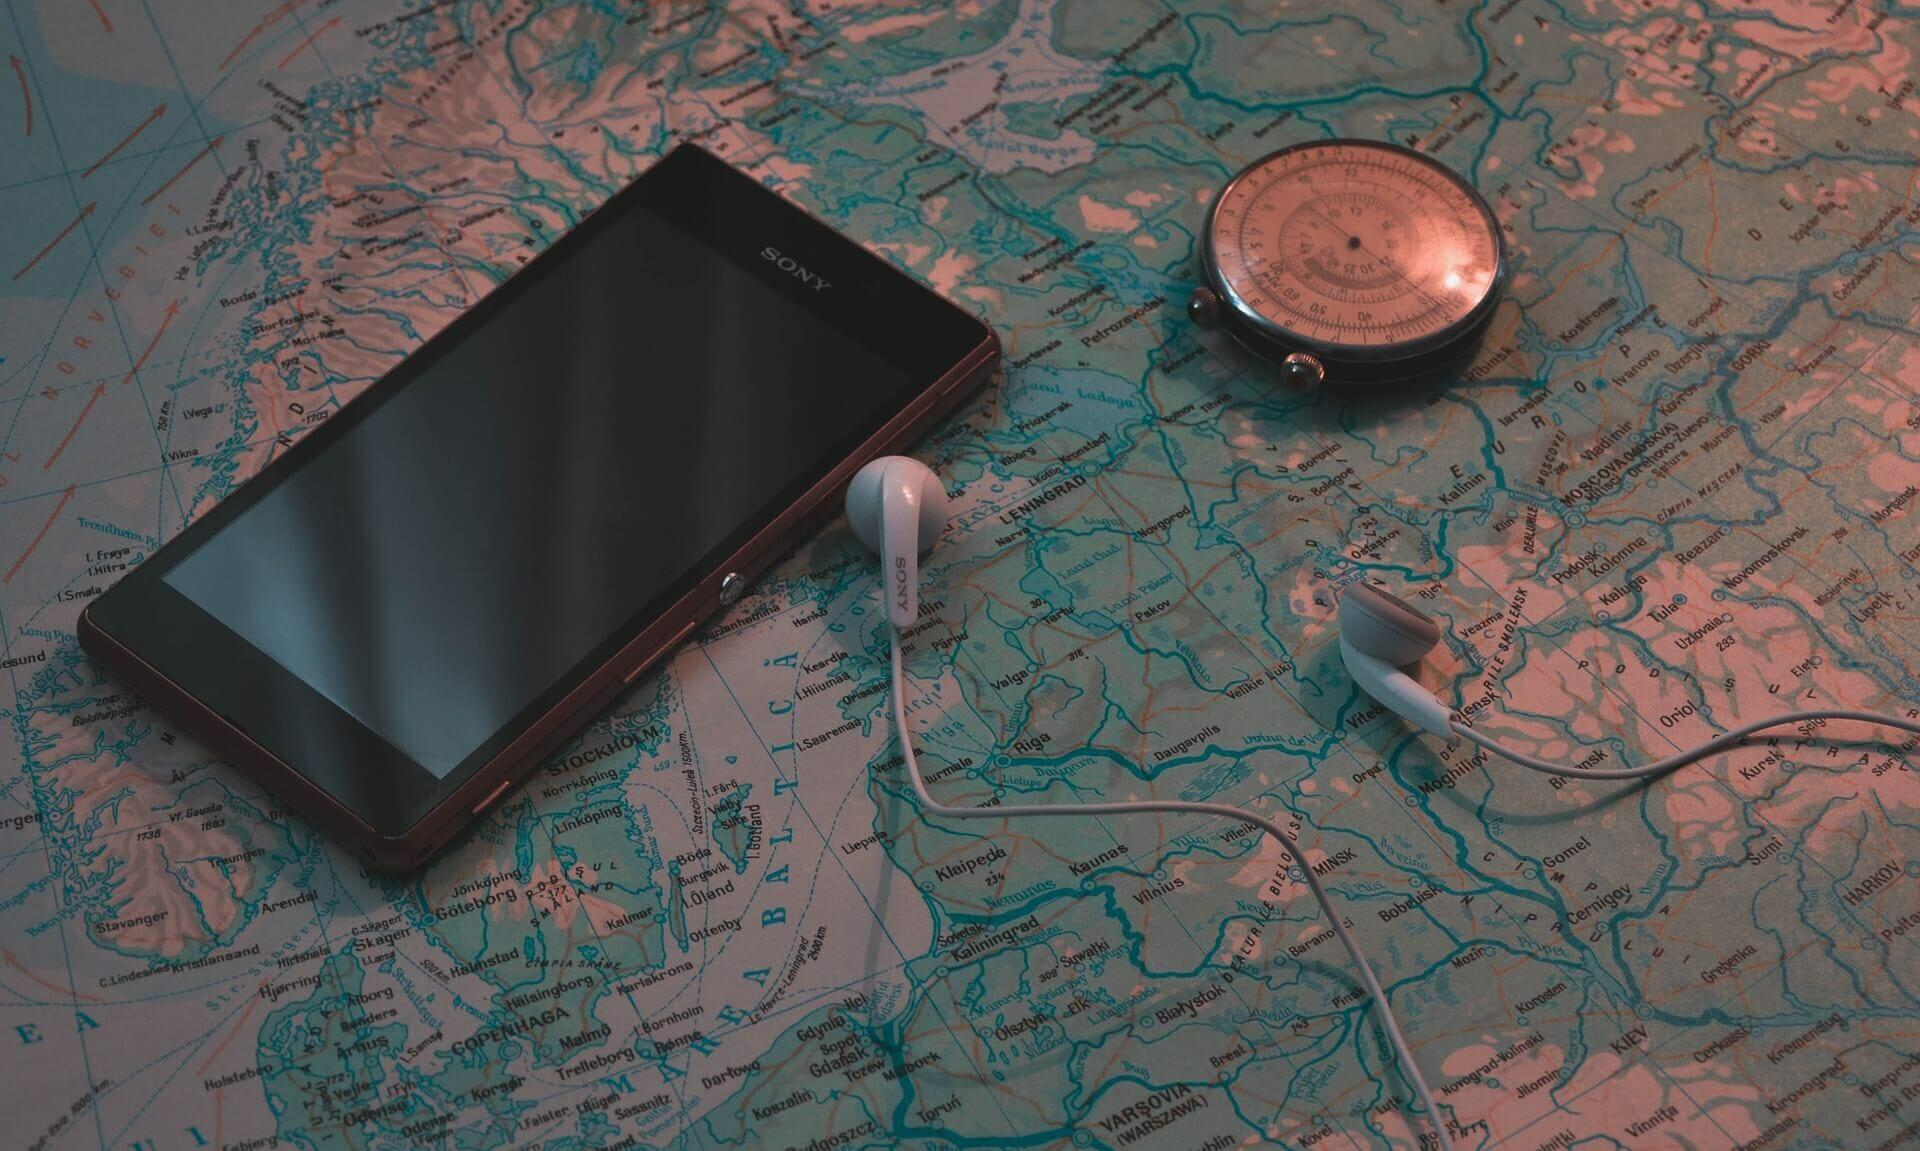 Wandertouren online - Wanderkarte, Smartphone und Kompass